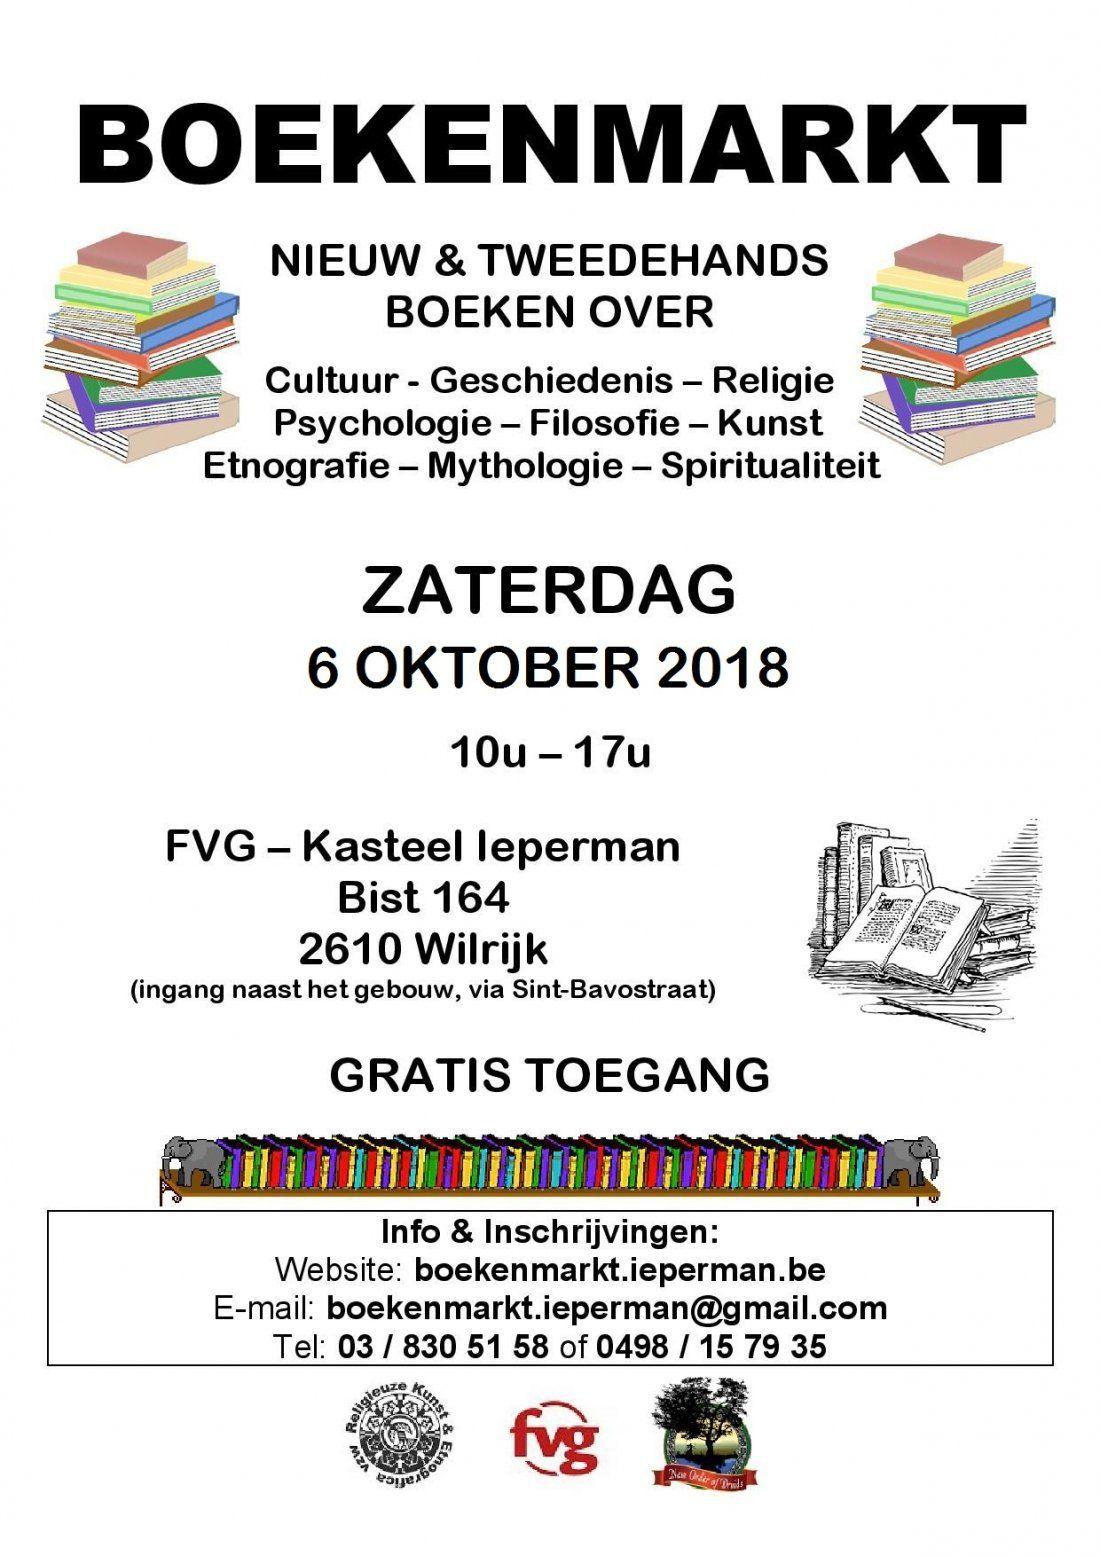 Boekenmarkt Ieperman